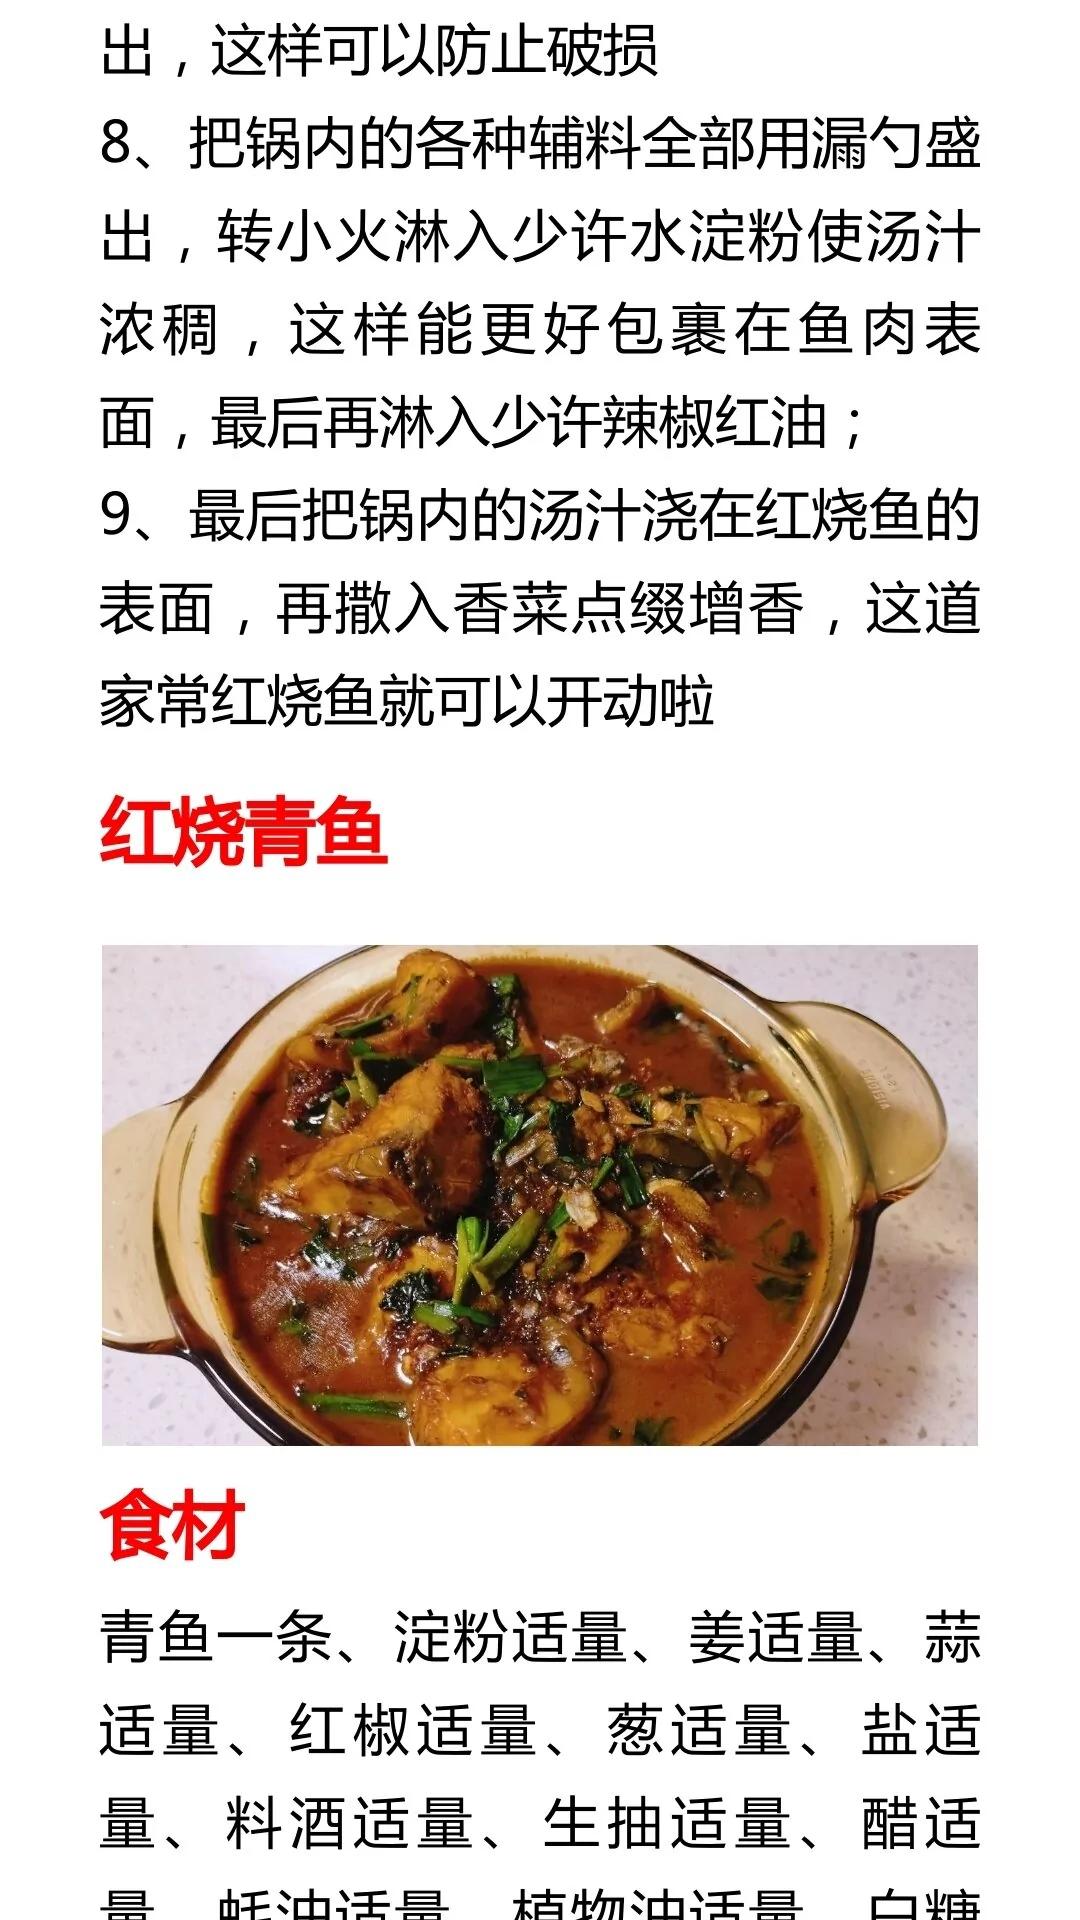 鱼的做法及配料 美食做法 第4张